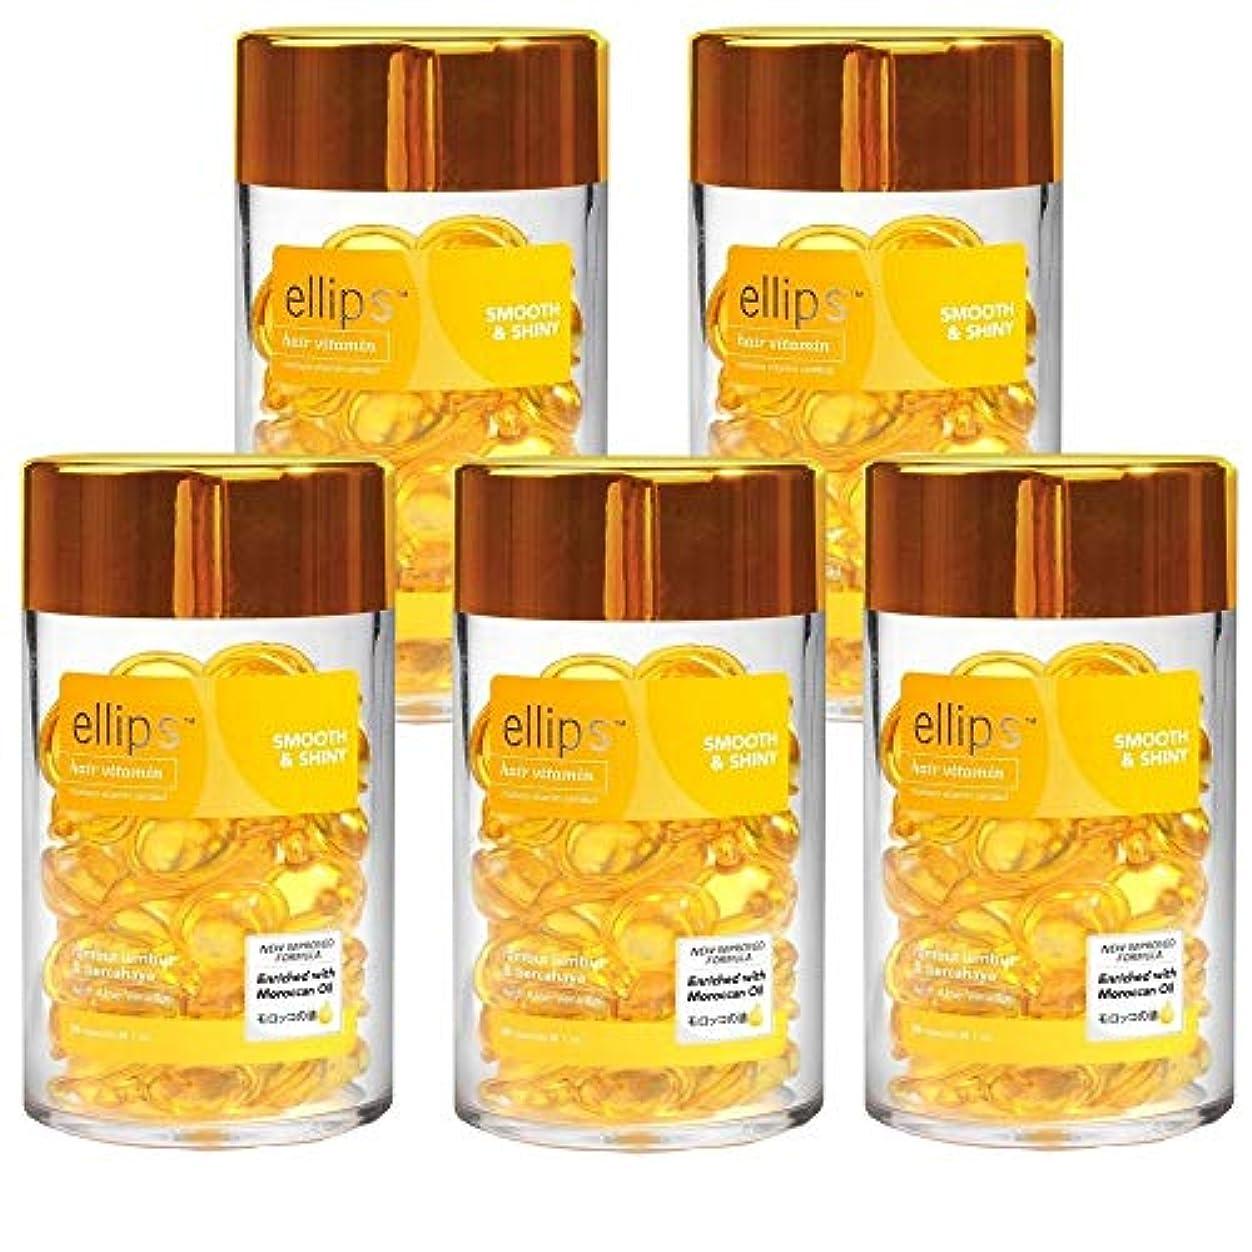 コンソール近代化最初はエリップス ellips ヘアビタミン ヘアトリートメント 50粒 ボトル イエロー お得な5本セット [並行輸入品]